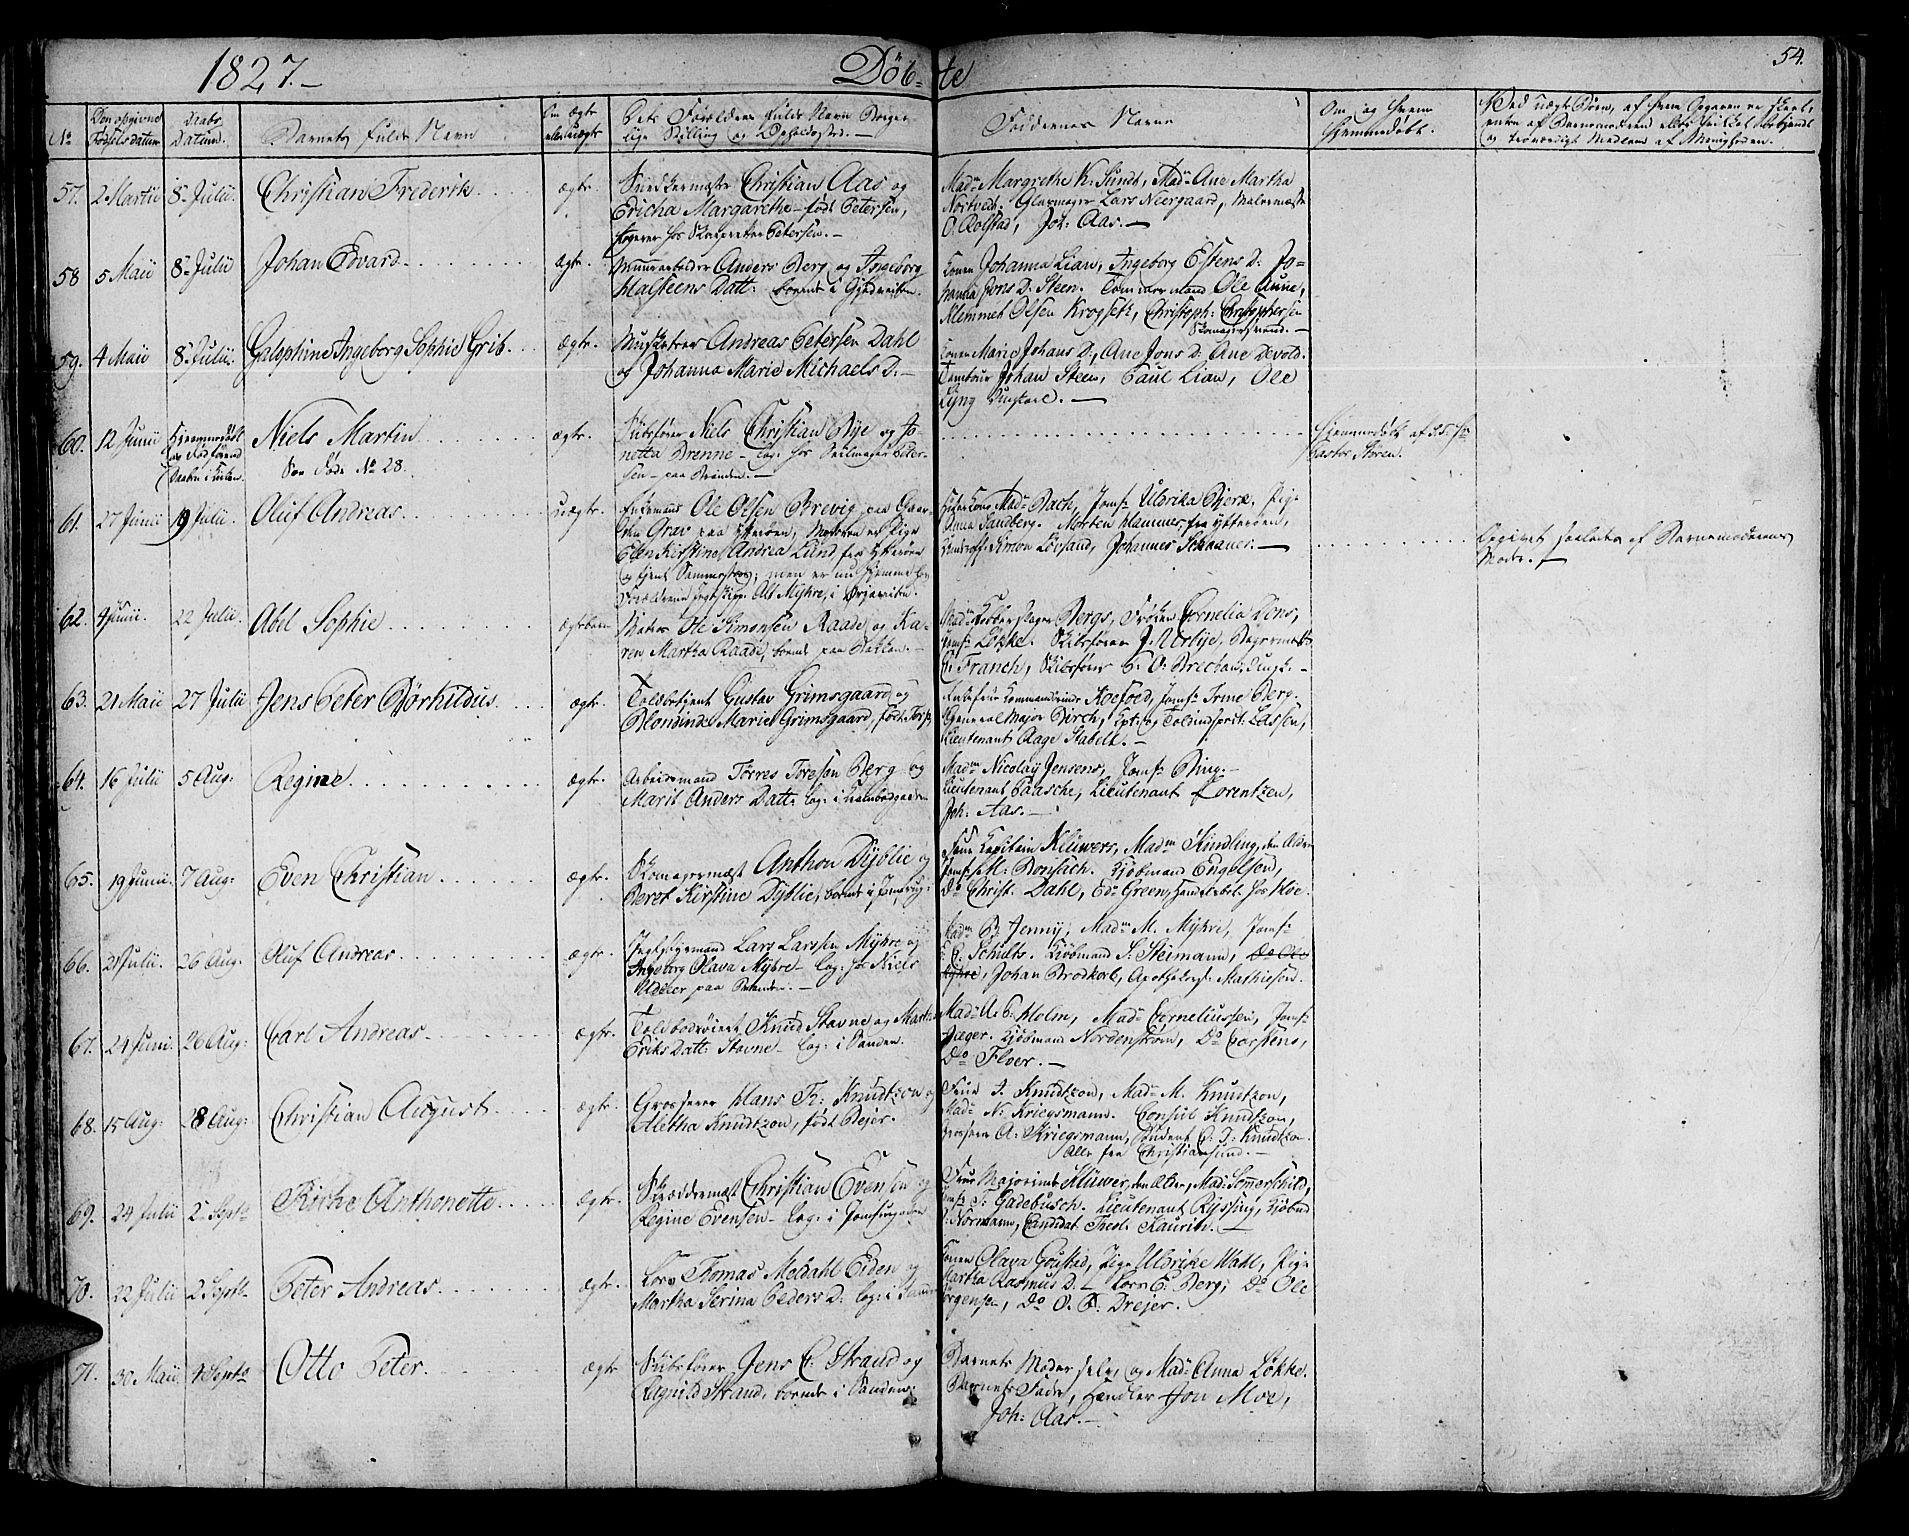 SAT, Ministerialprotokoller, klokkerbøker og fødselsregistre - Sør-Trøndelag, 602/L0108: Ministerialbok nr. 602A06, 1821-1839, s. 54